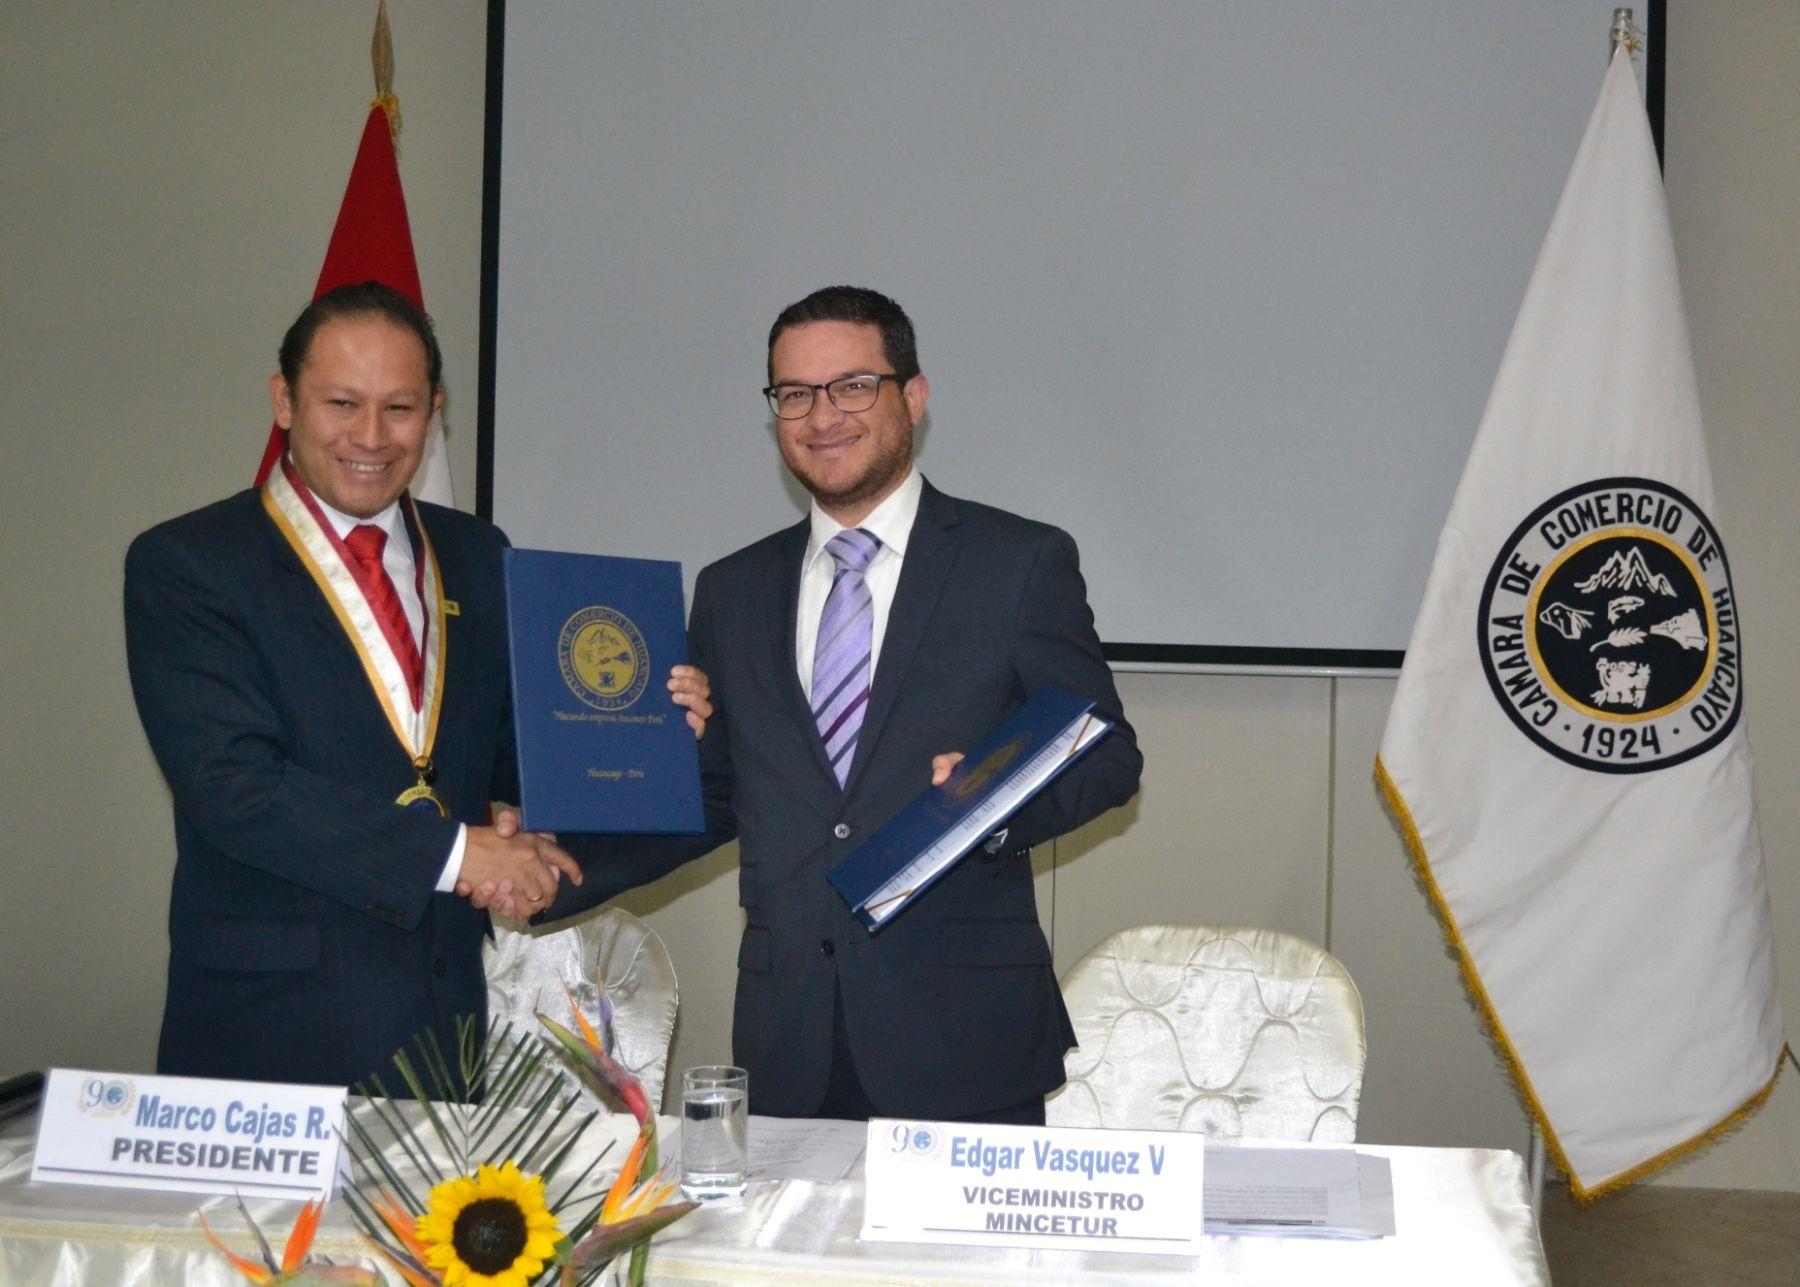 Presidente de la Cámara de Comercio de Huancayo, Marco Cajas, y viceministro de Comercio Exterior, Edgar Vásquez, firmaron acuerdo.